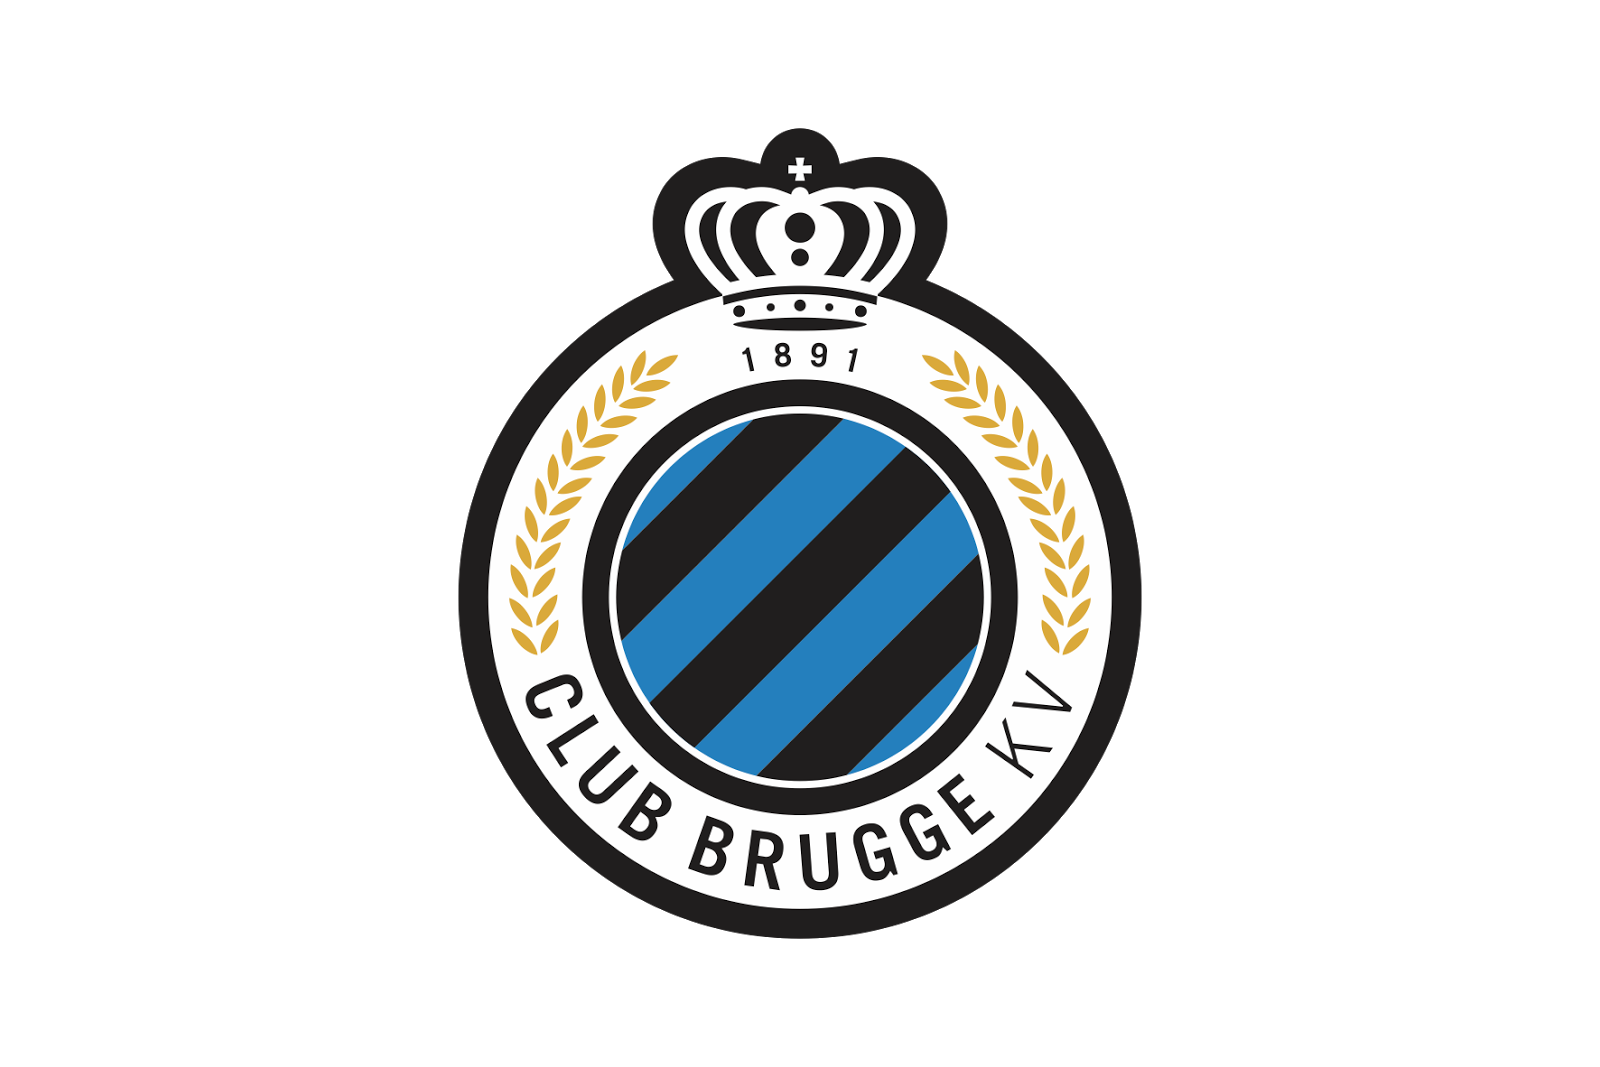 Afbeeldingsresultaten voor Club Brugge logo